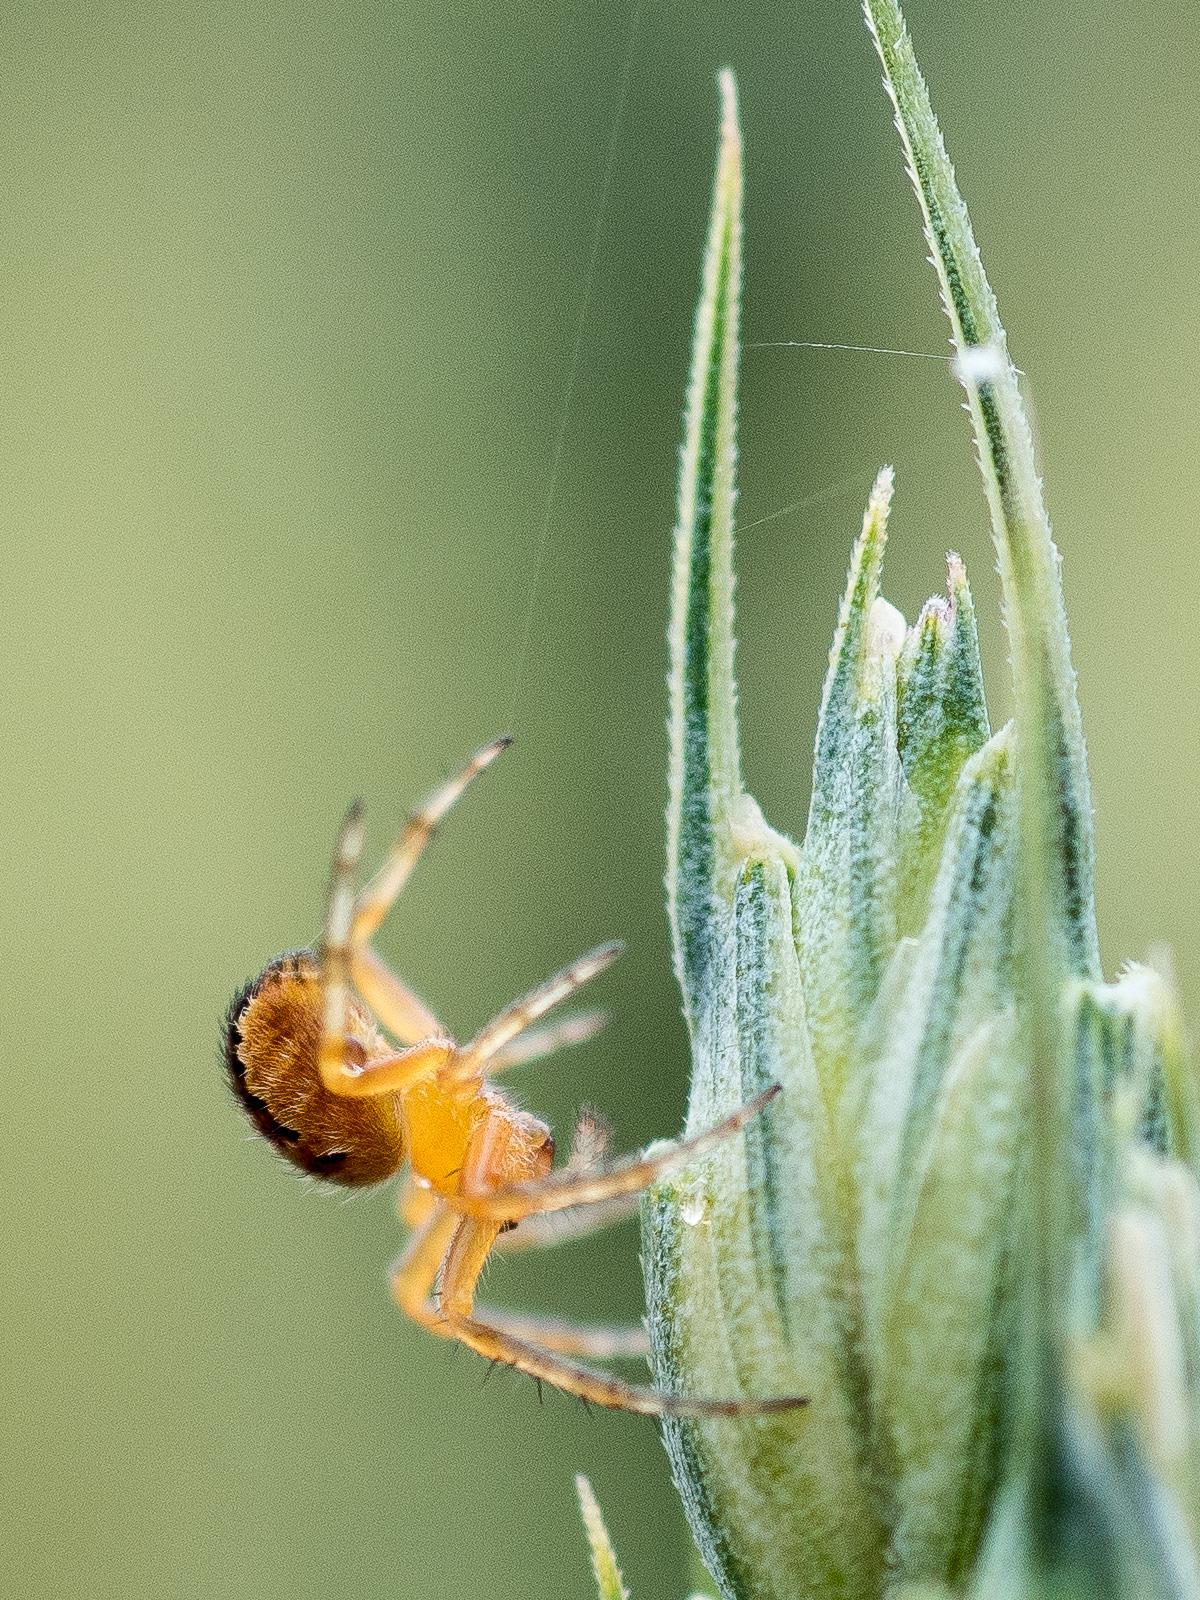 Spinne beim Abseilen an einer Ähre